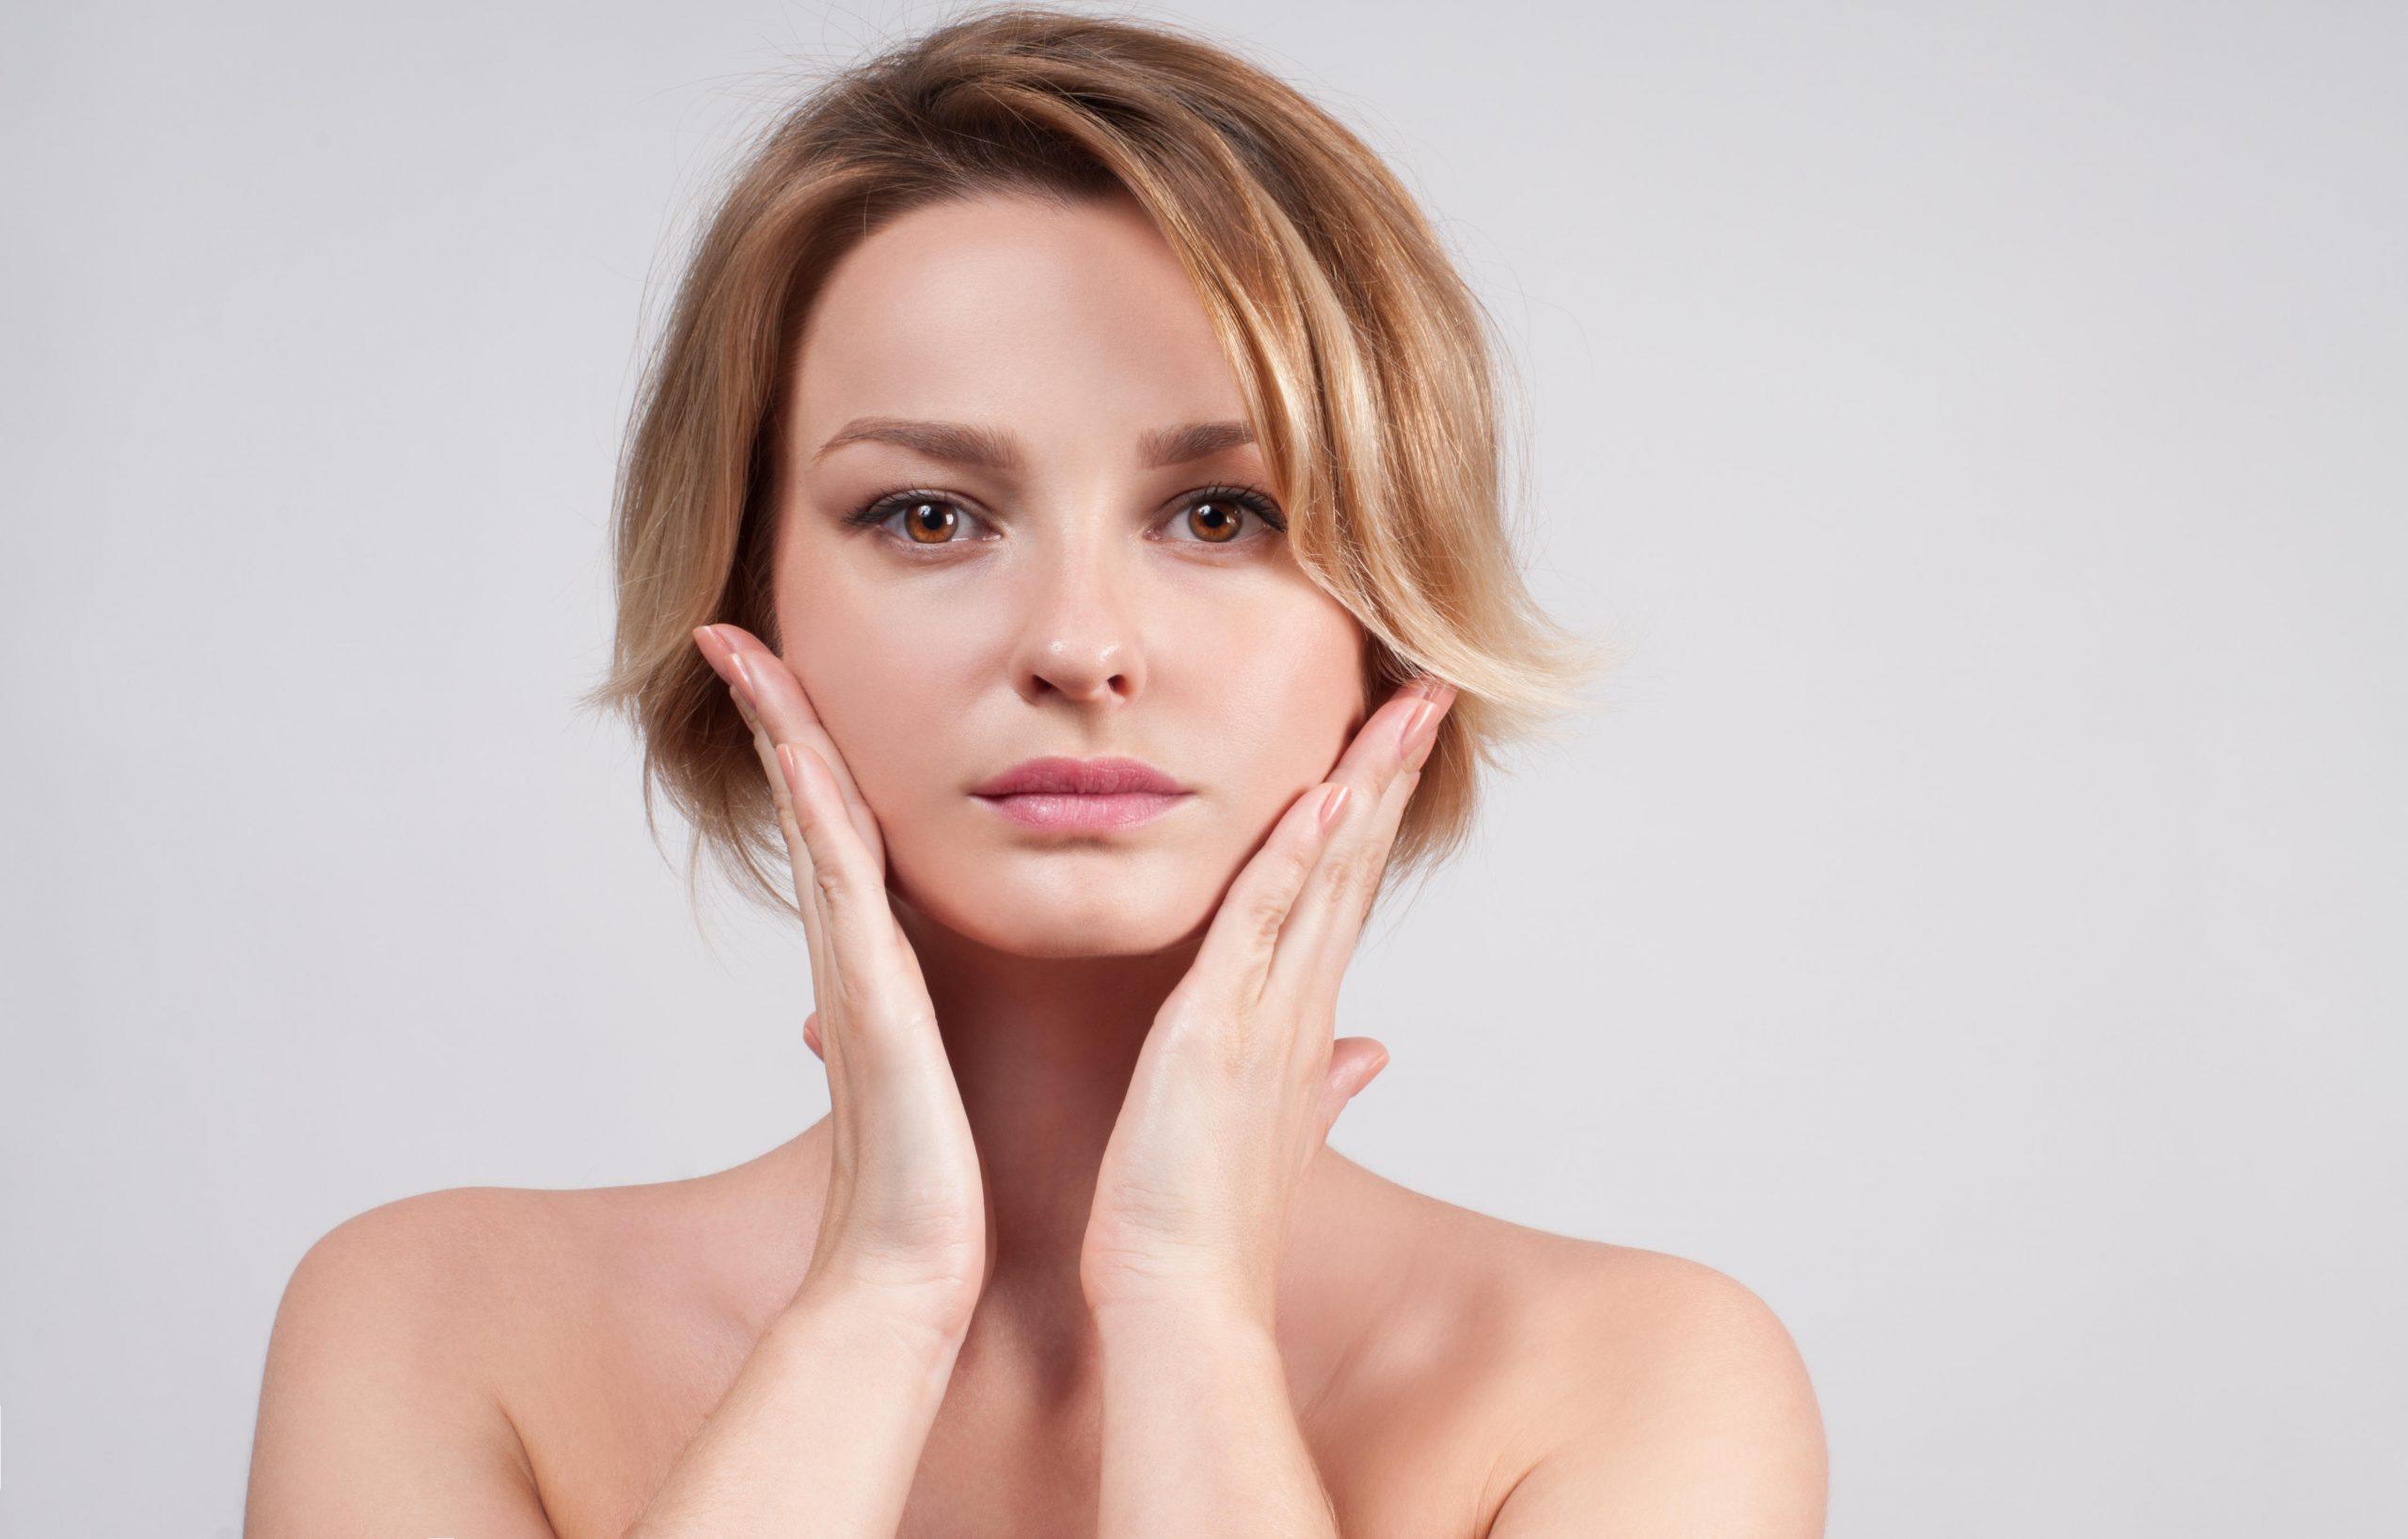 Femme faisant la démonstration d'un massage facial pour paraître moins fatiguée